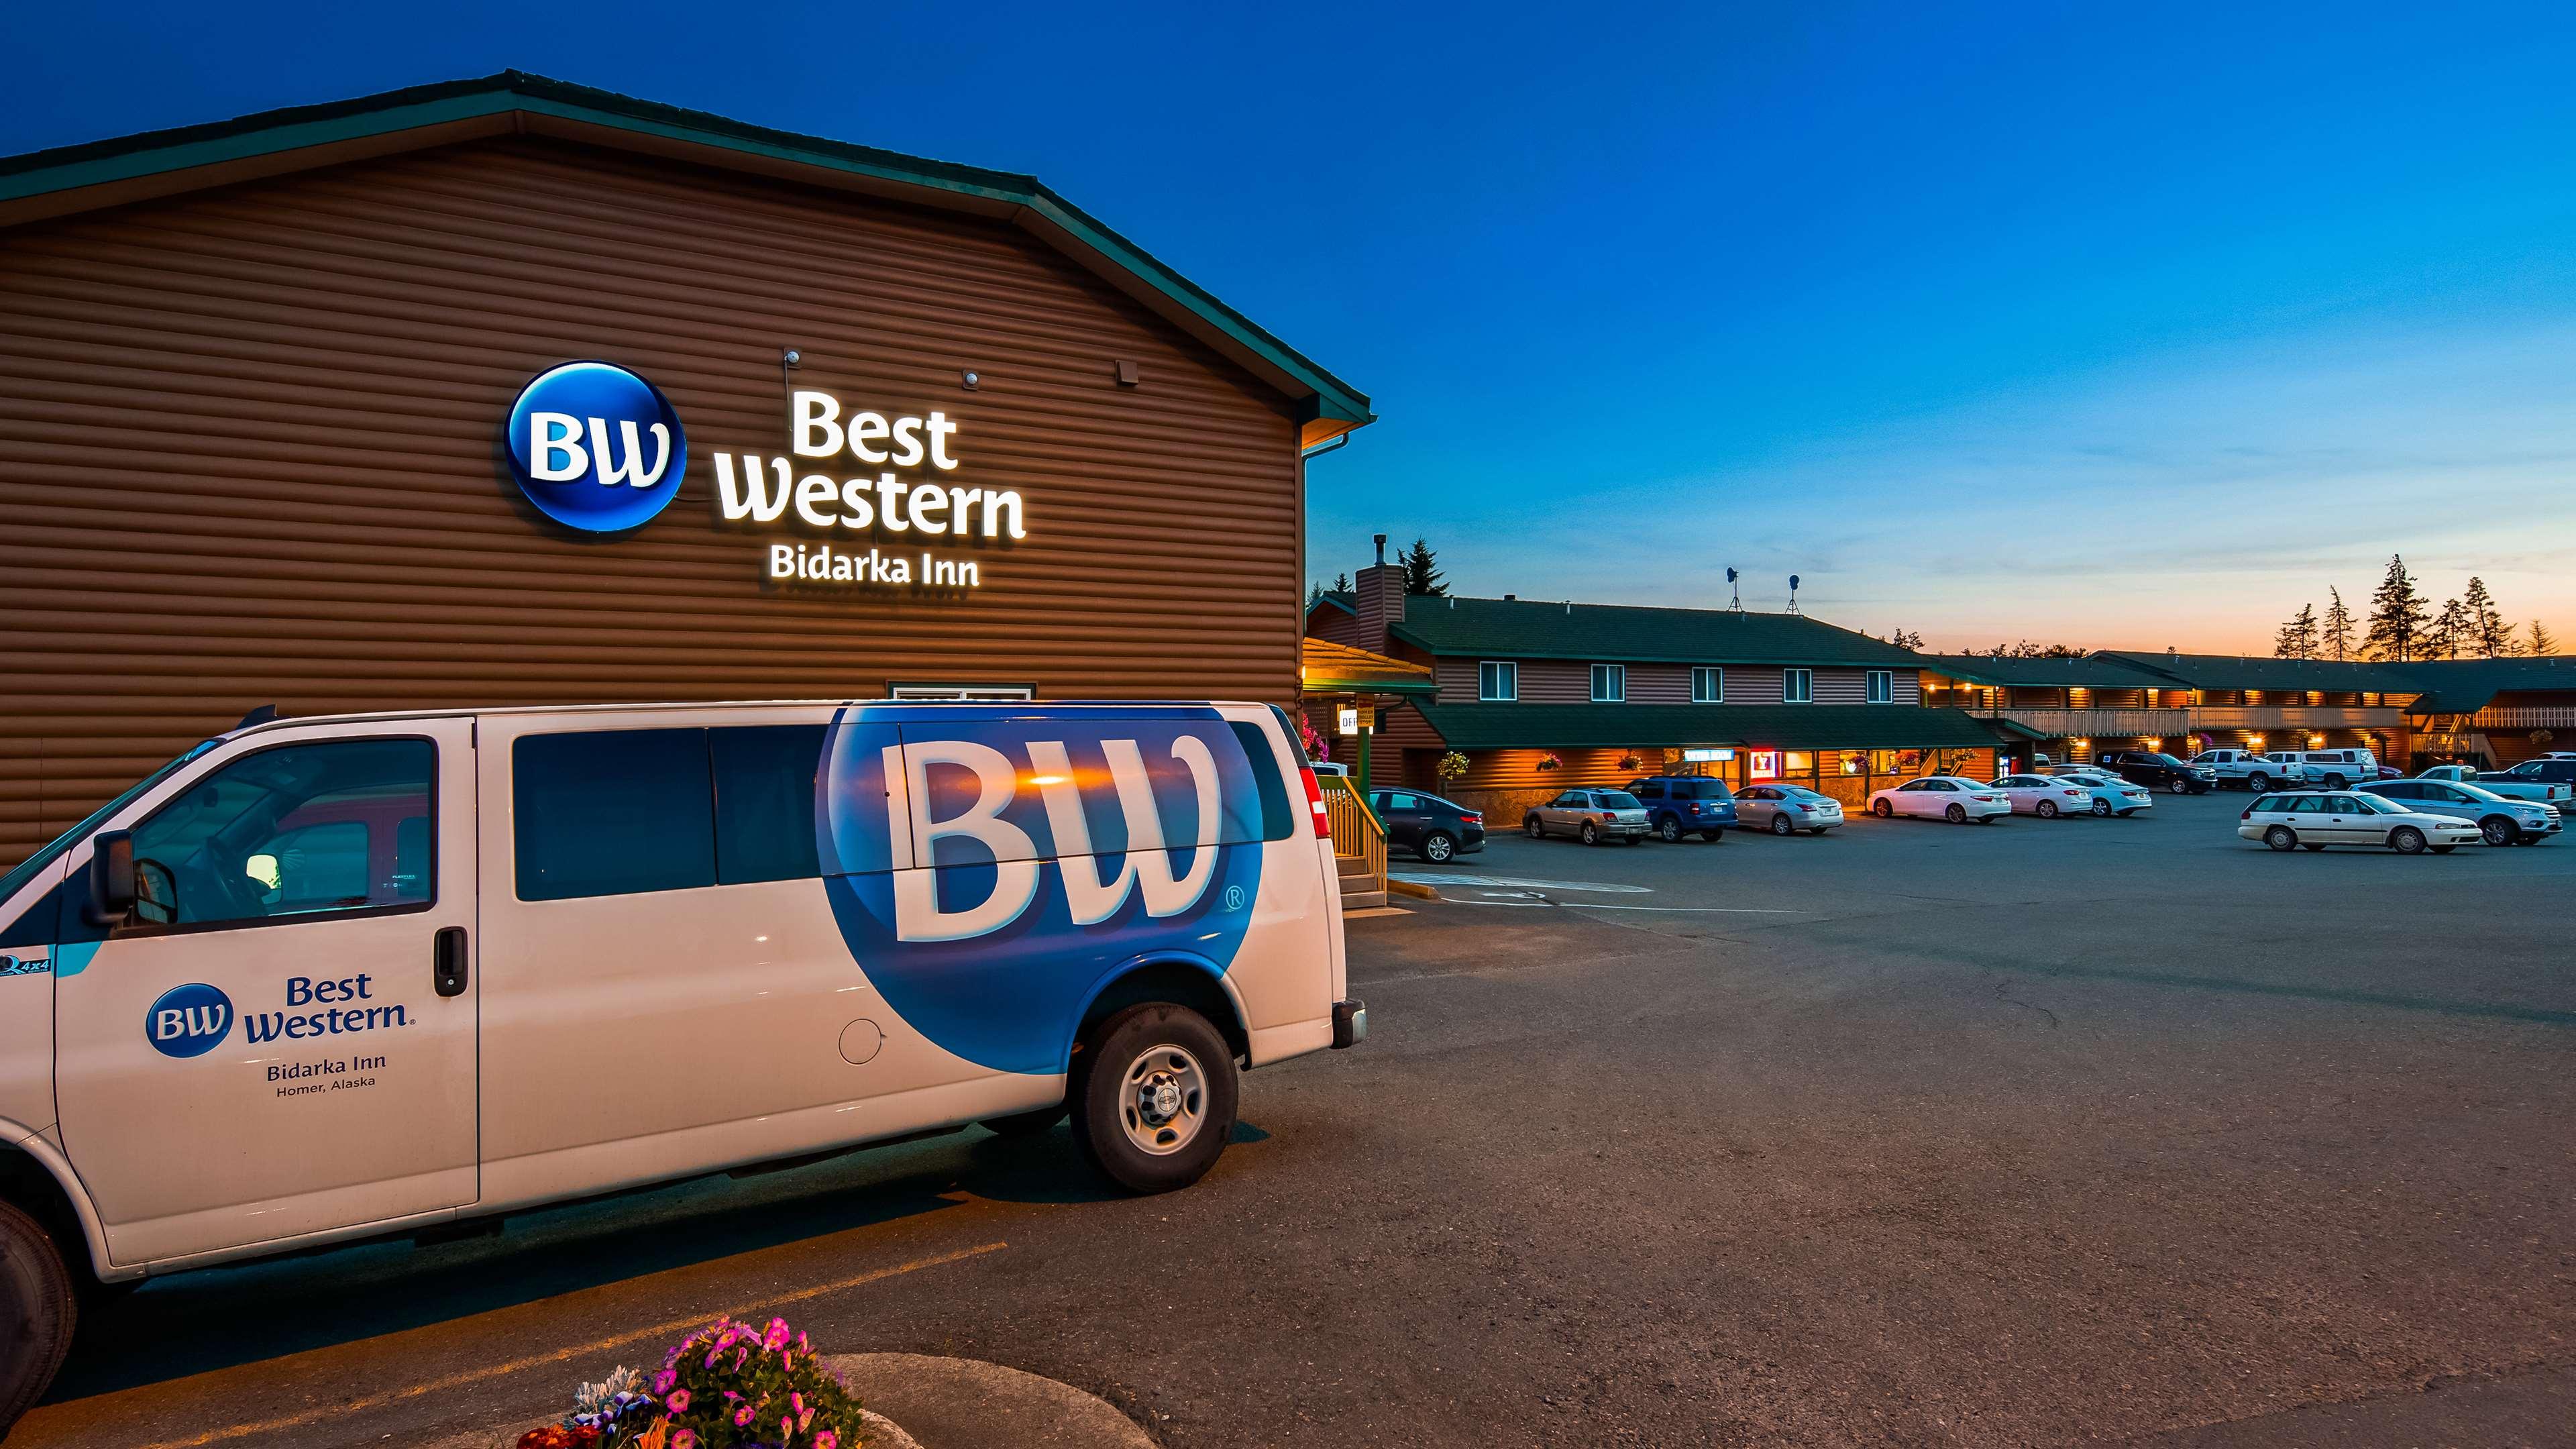 Best Western Bidarka Inn image 10